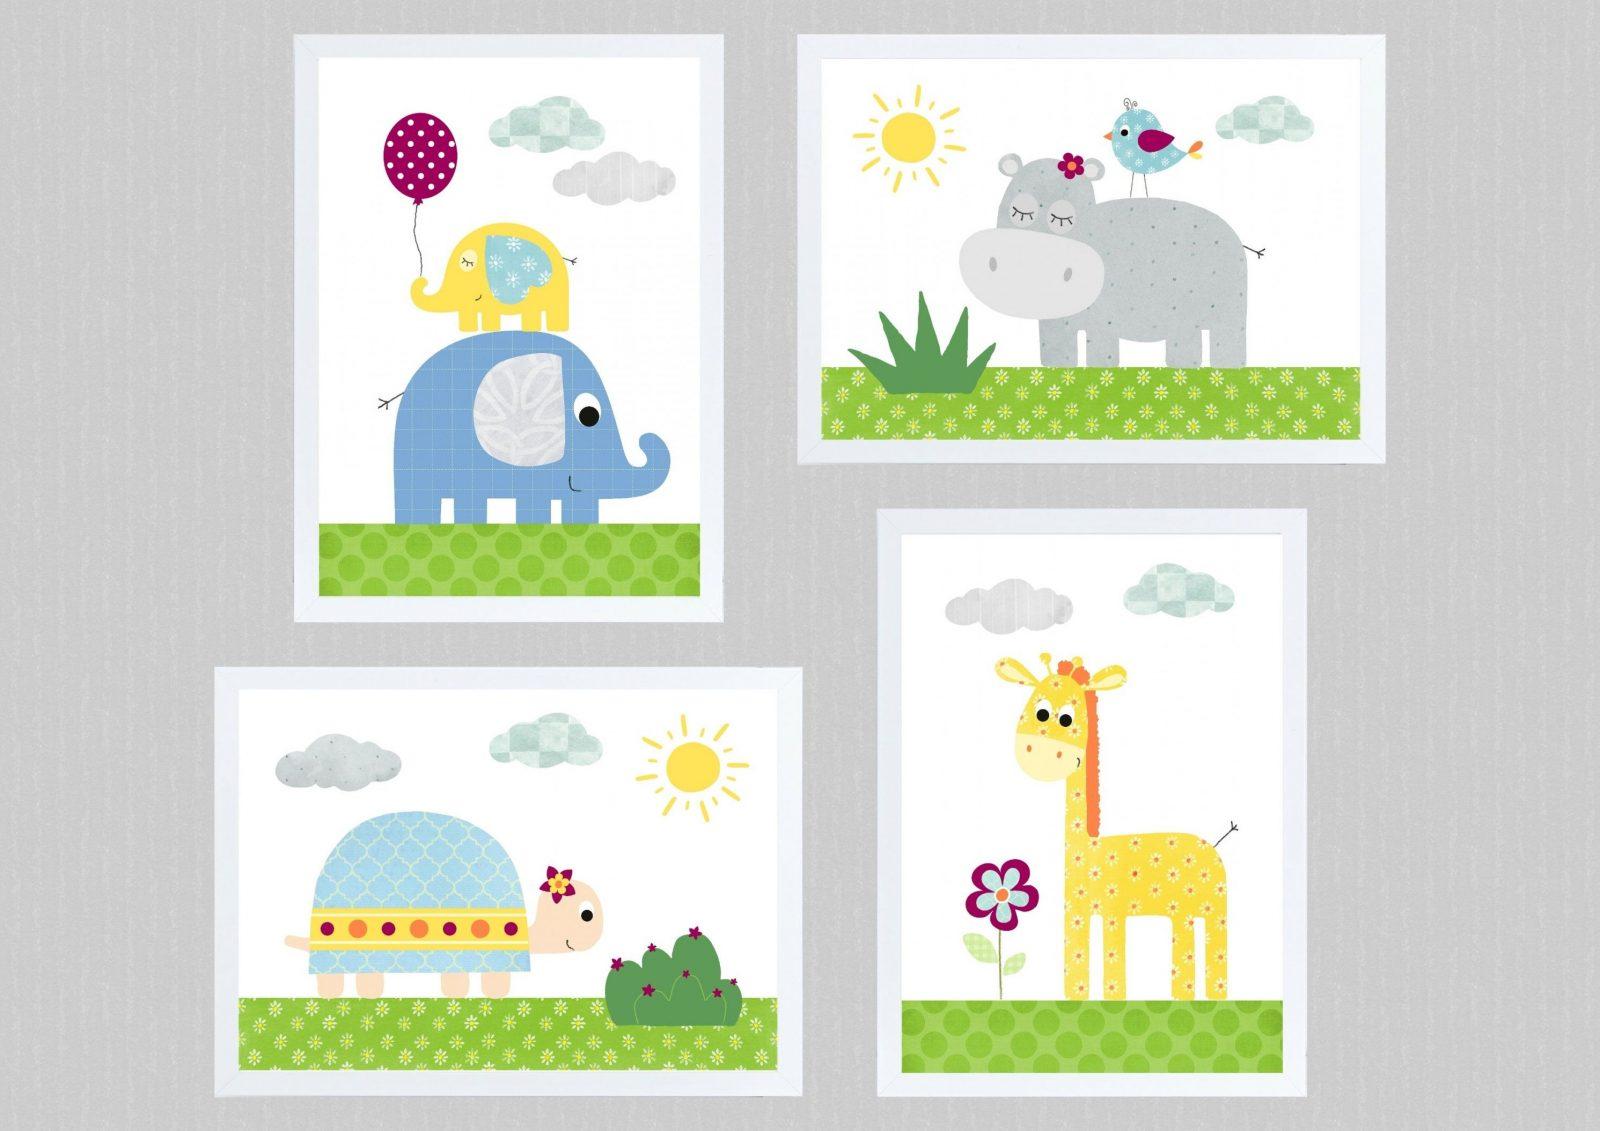 Wunderschöne Wandbilder Kinderzimmer Vorlagen Wandbilder von Vorlagen Wandbilder Für Kinderzimmer Bild